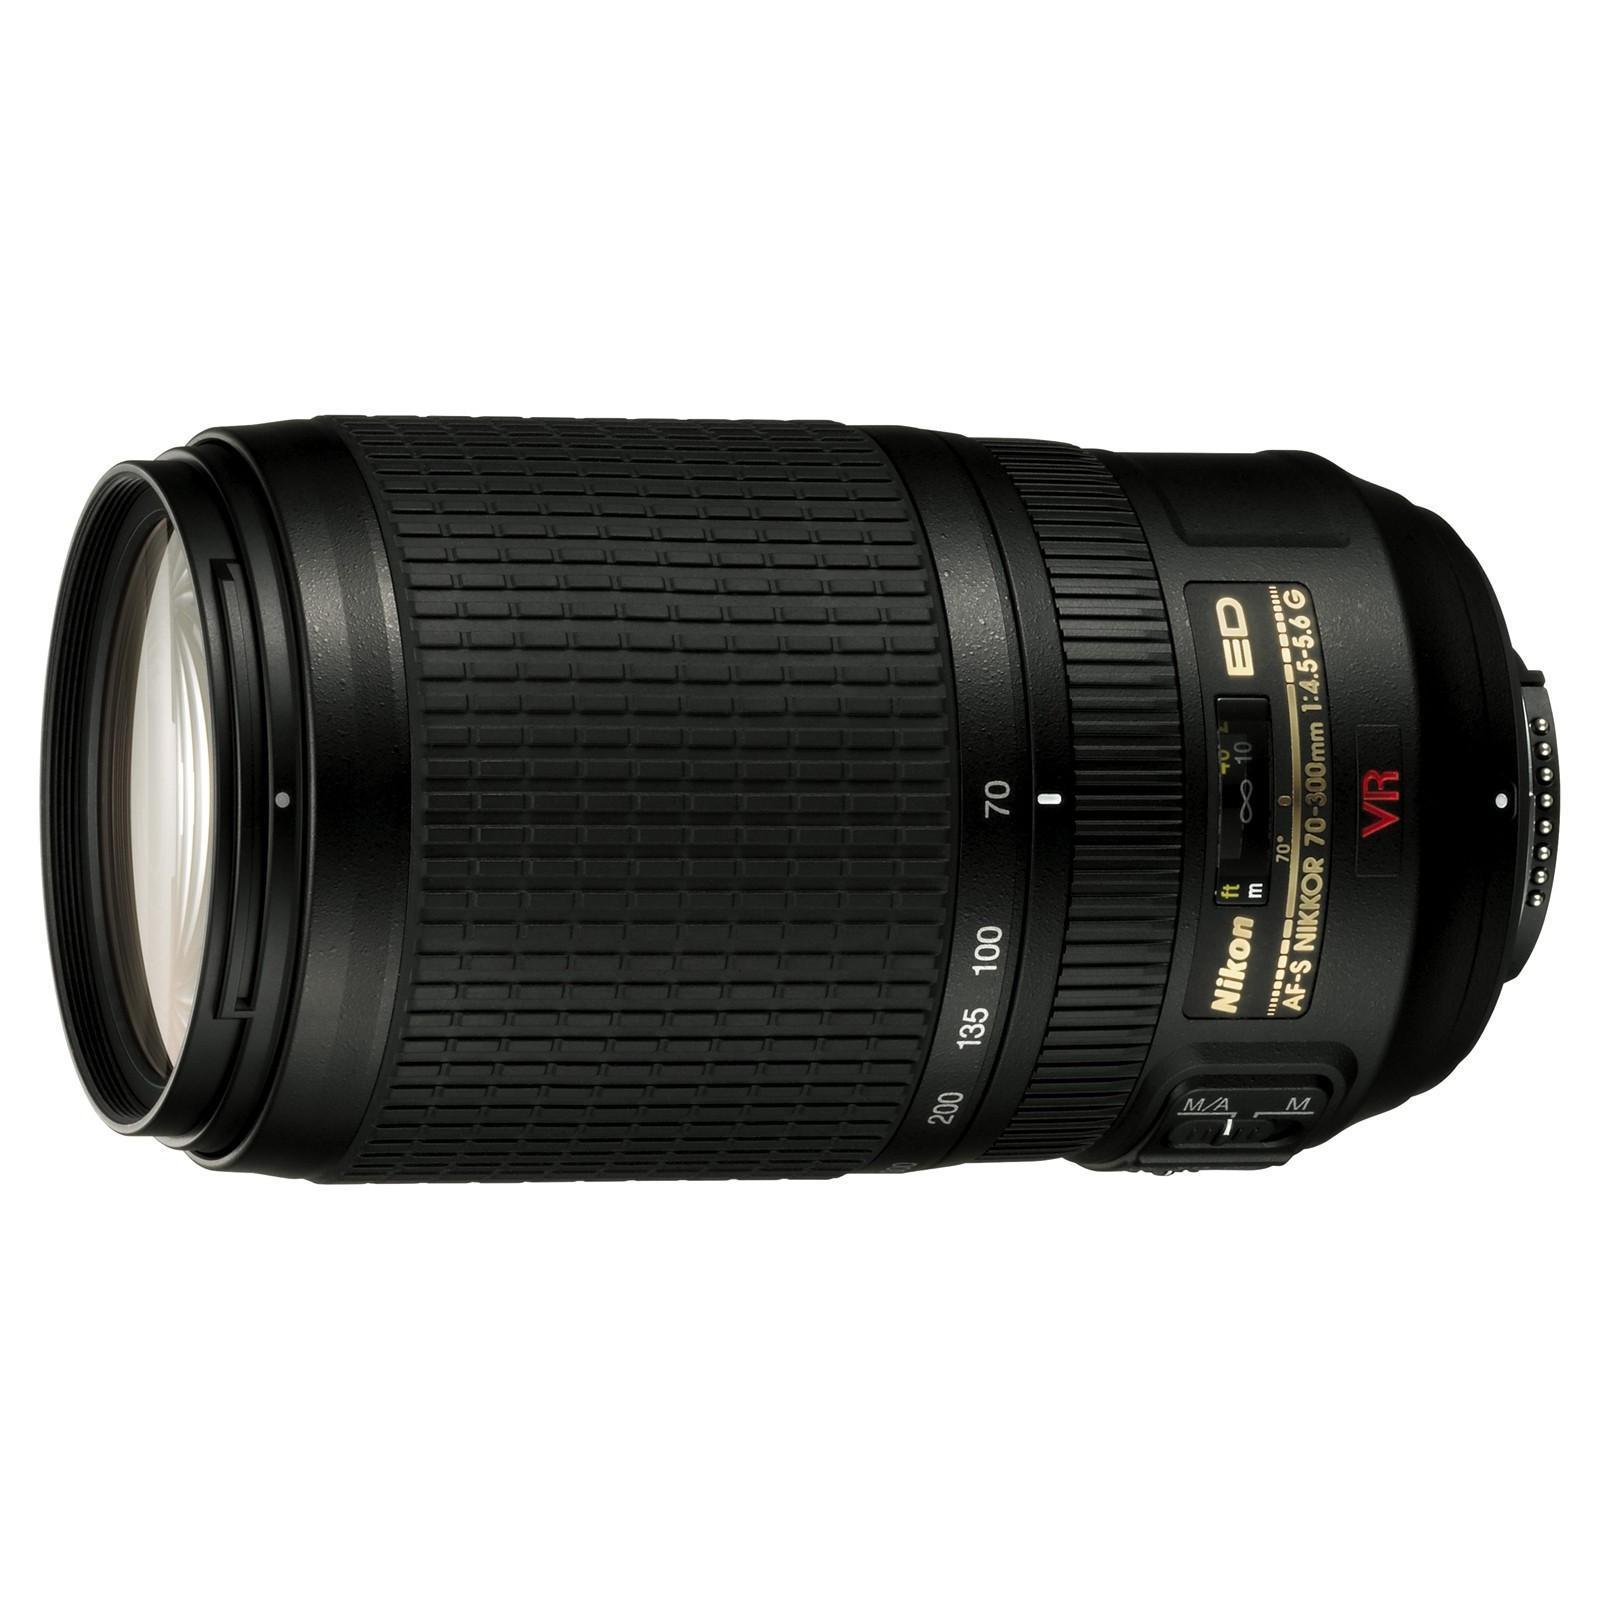 Objectif Nikon Nikkor AF-S VR ZOOM 70-300mm